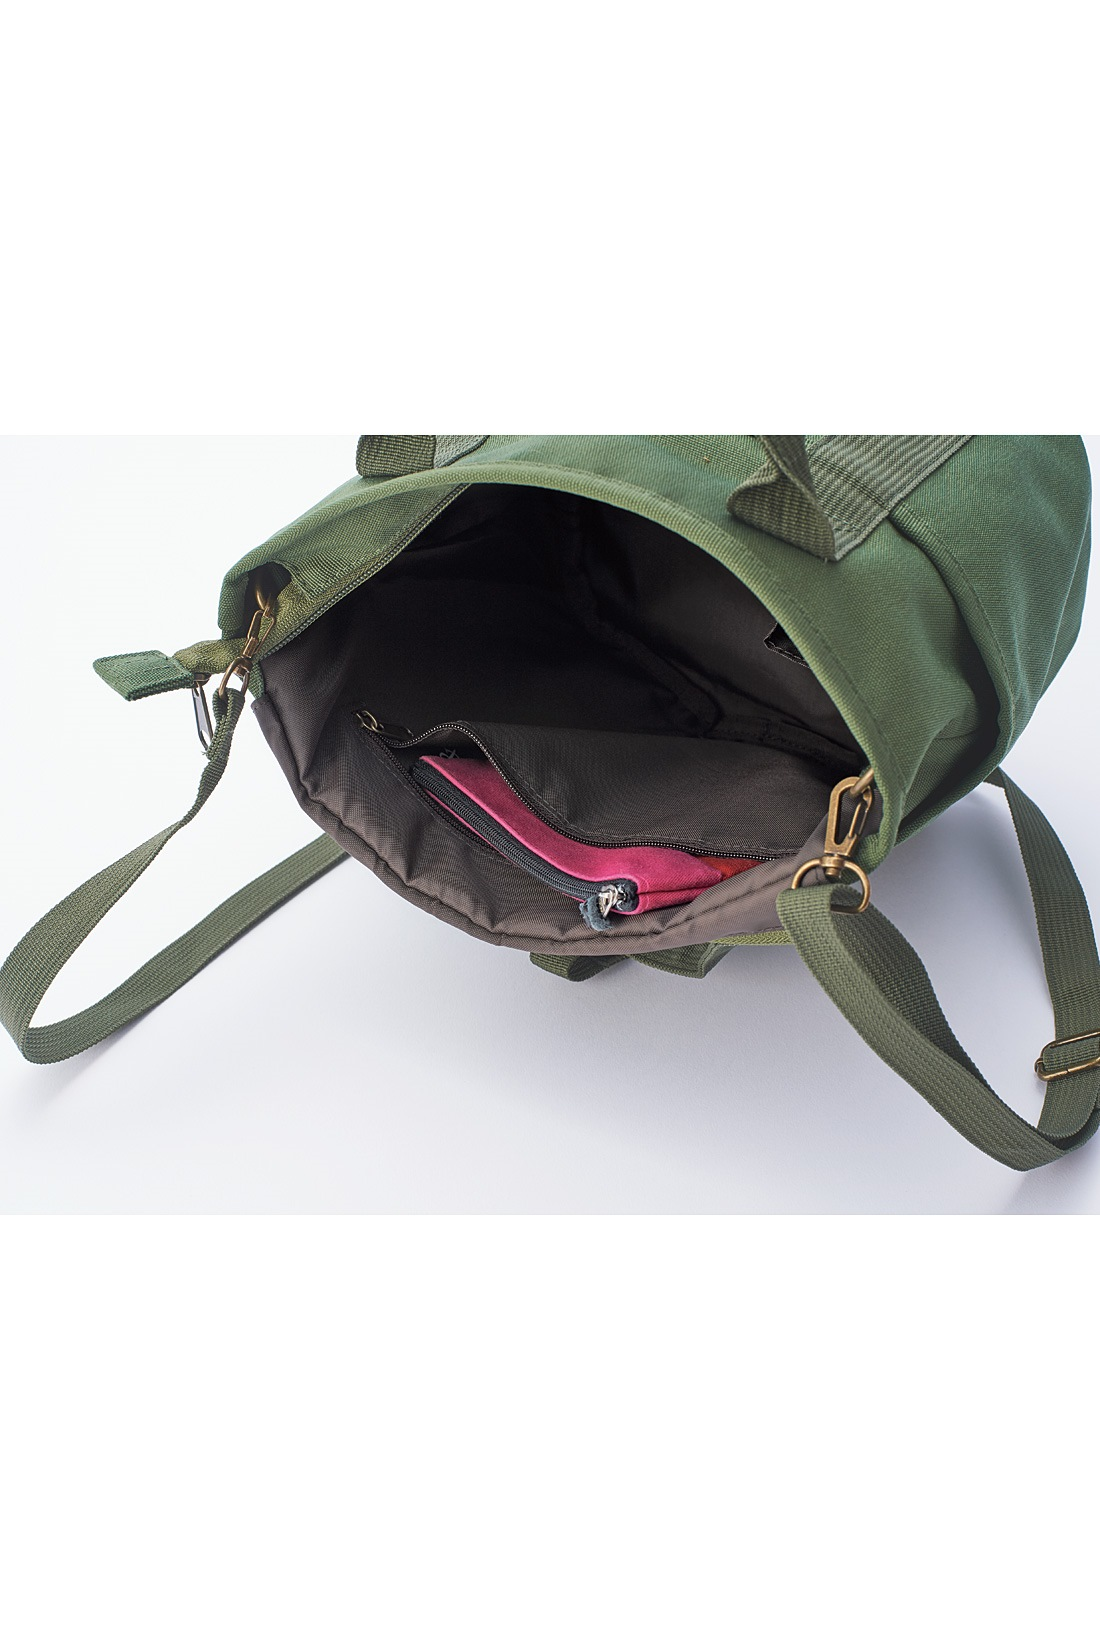 ファスナーポケットも。 ※お届けするカラーとは異なります。